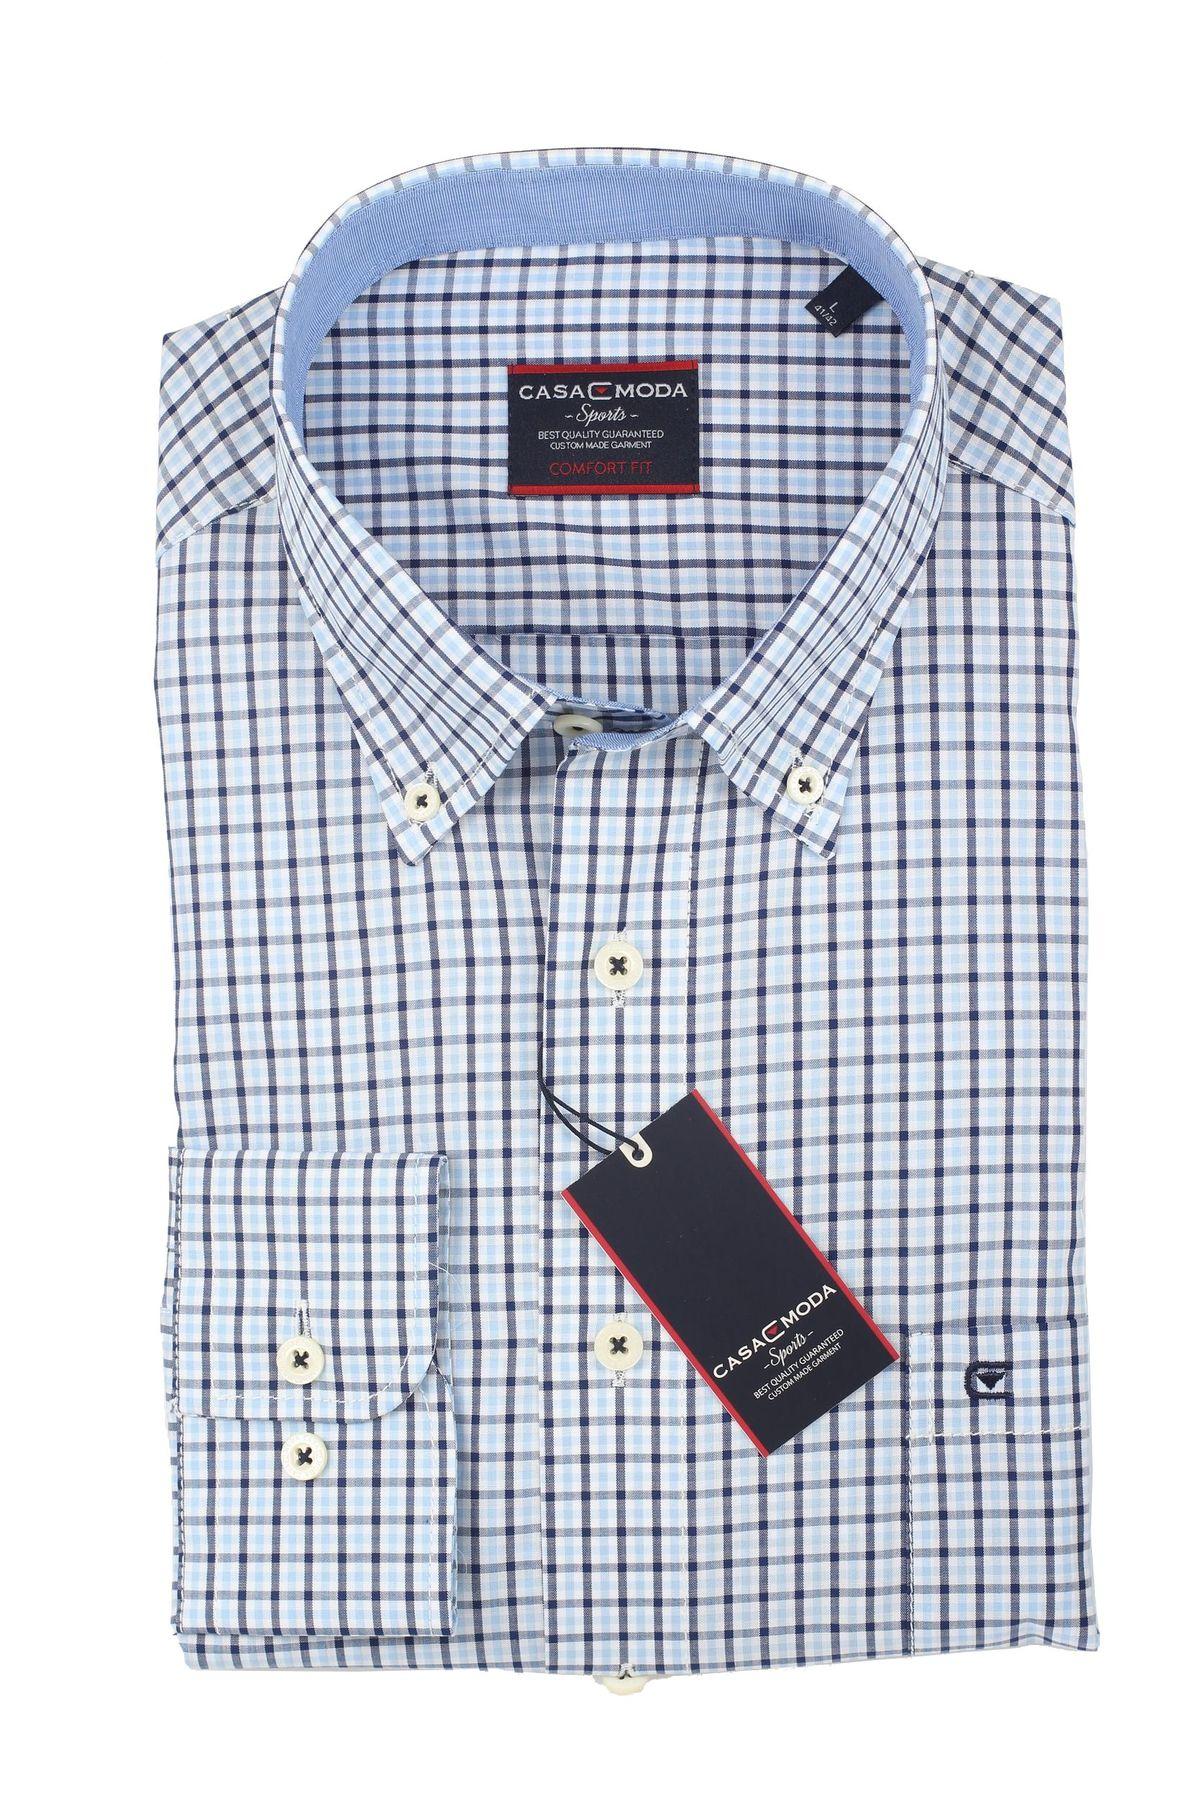 Casa Moda - Comfort Fit - Herren Hemd mit Karo Muster und Button Down Kragen (462722800 A) – Bild 6